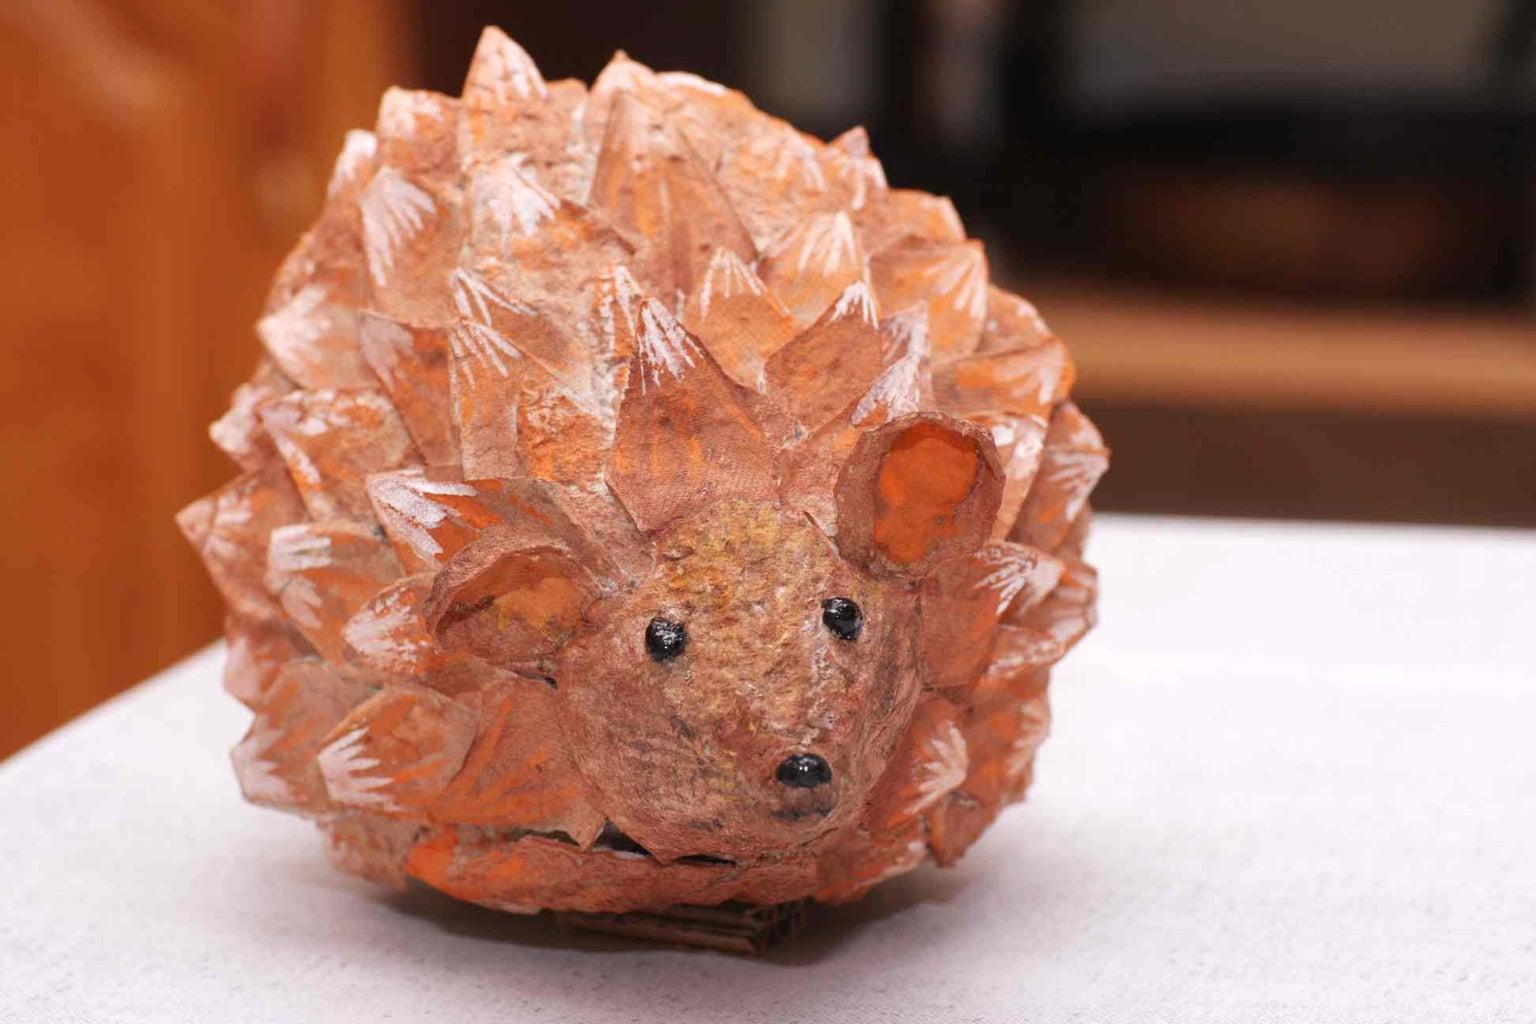 A Hedgehog Made of an Egg Box